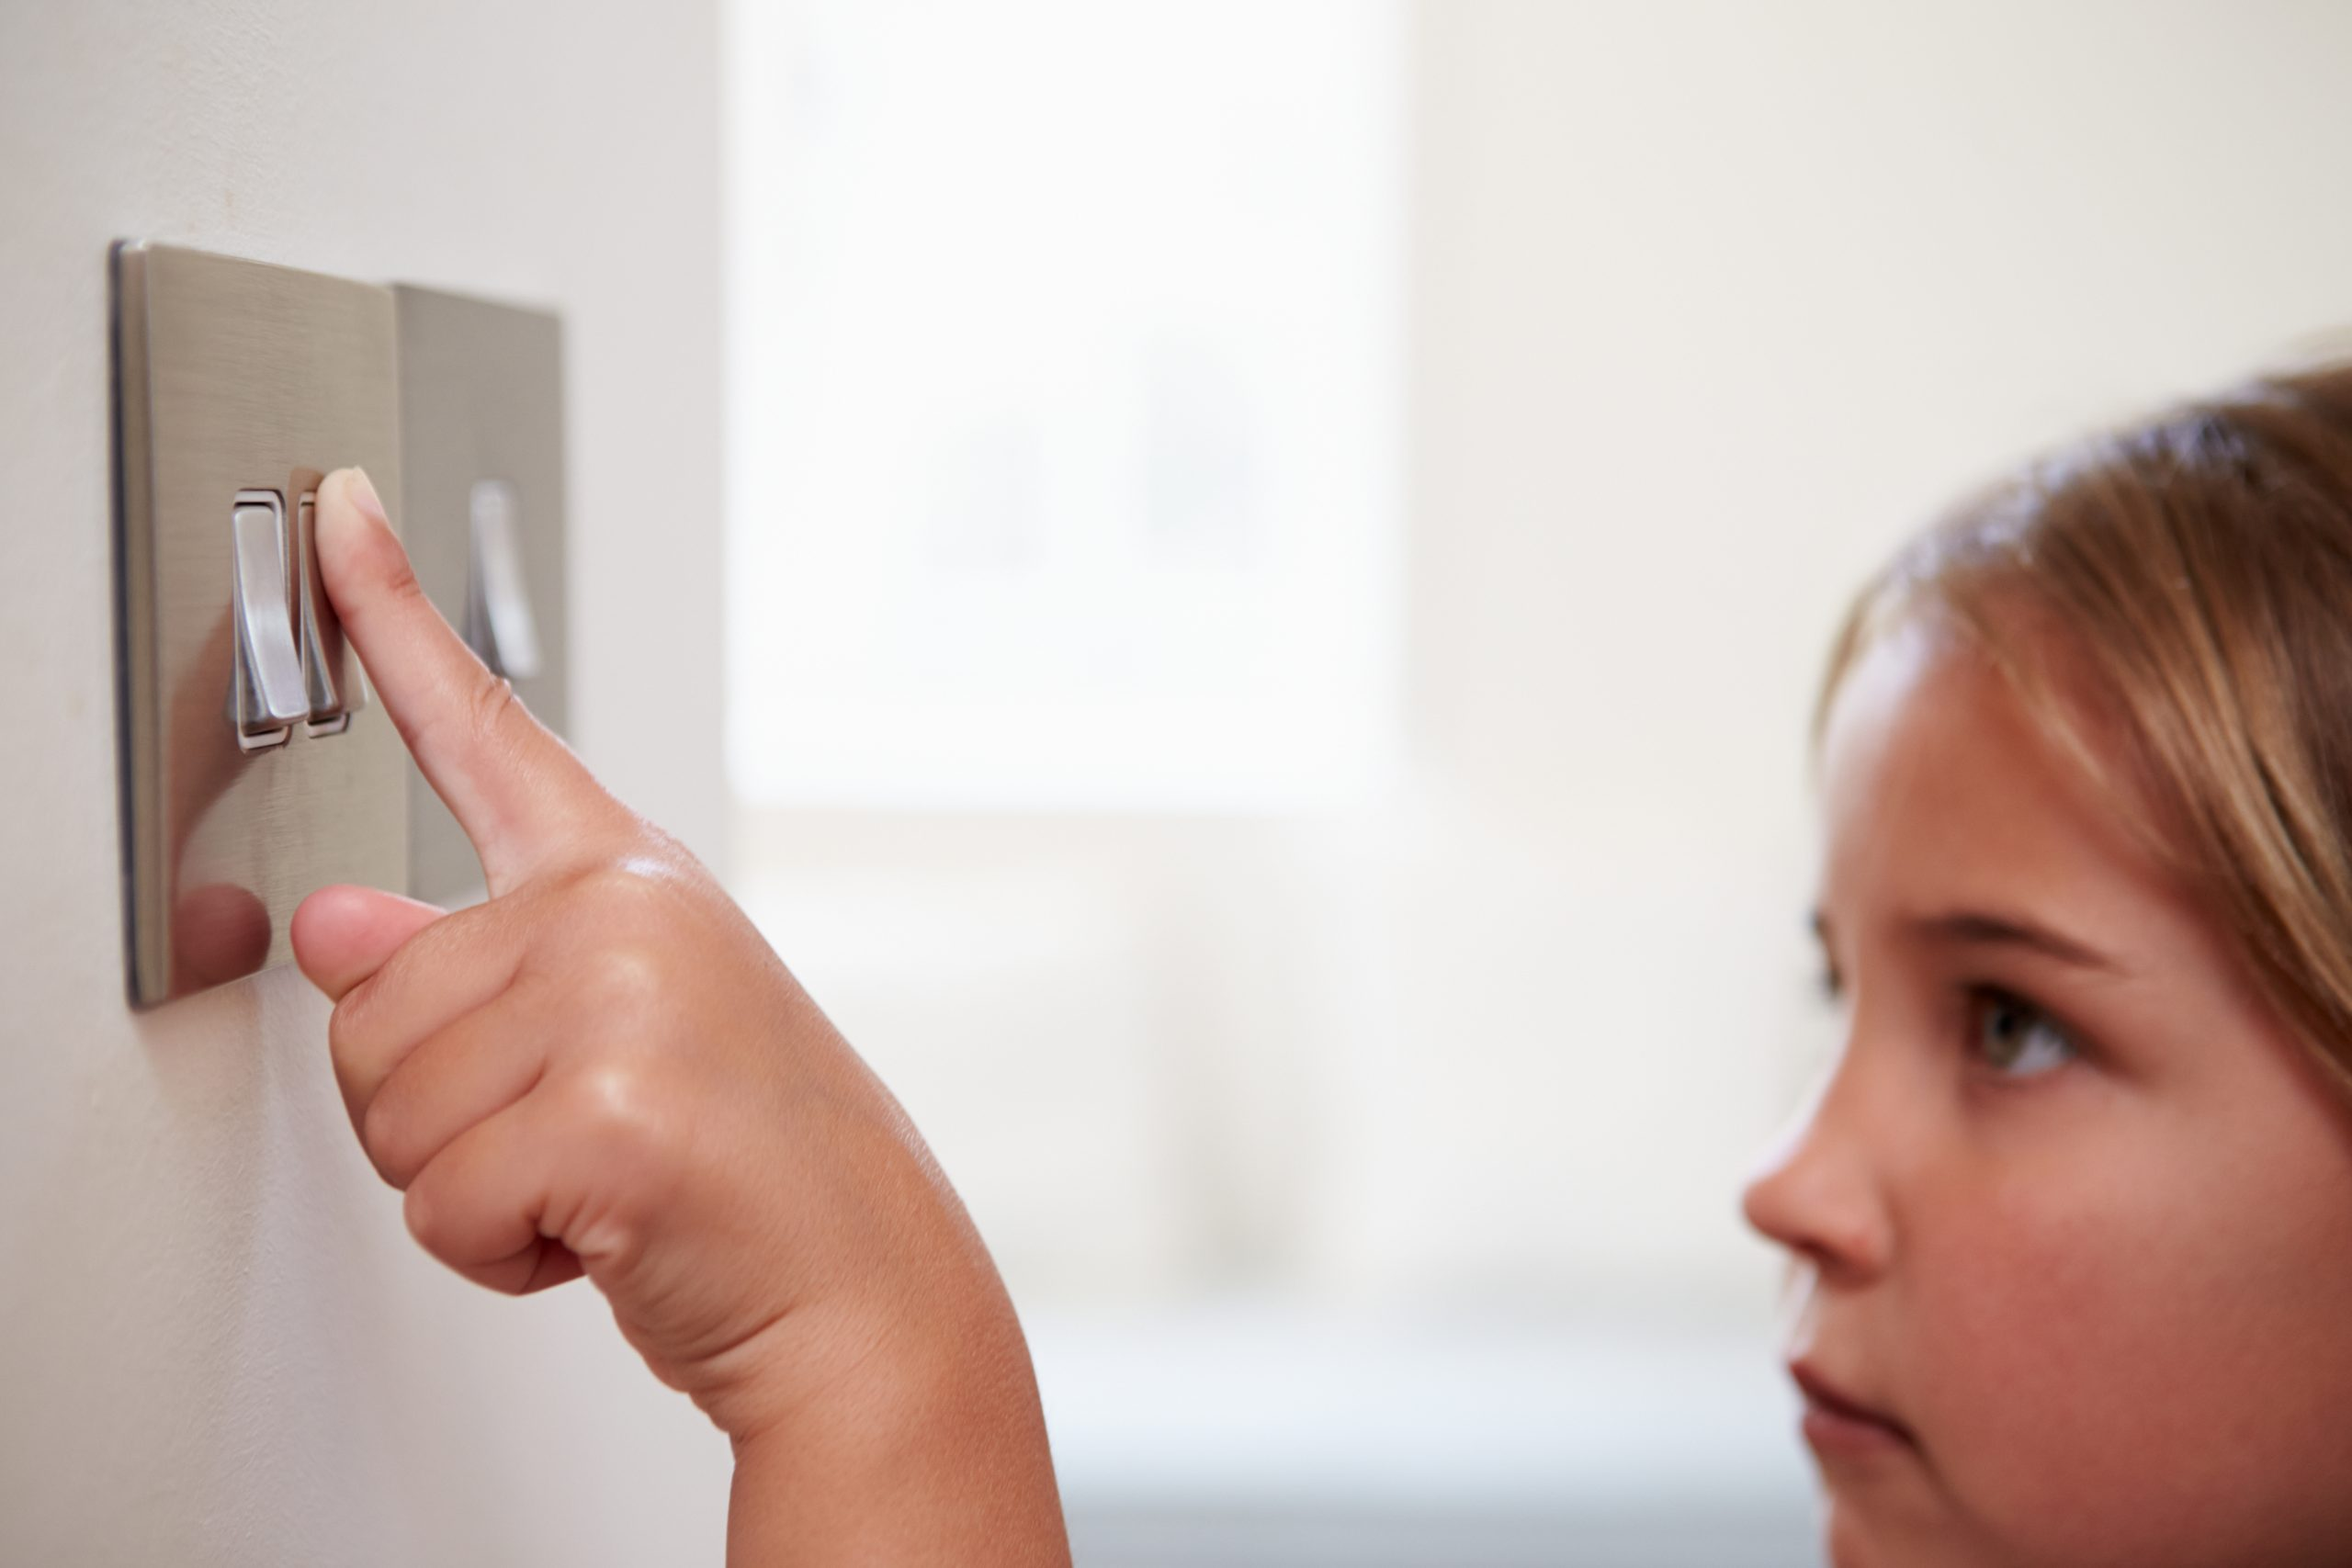 Apprendre à votre enfant 10 gestes écologiques faciles